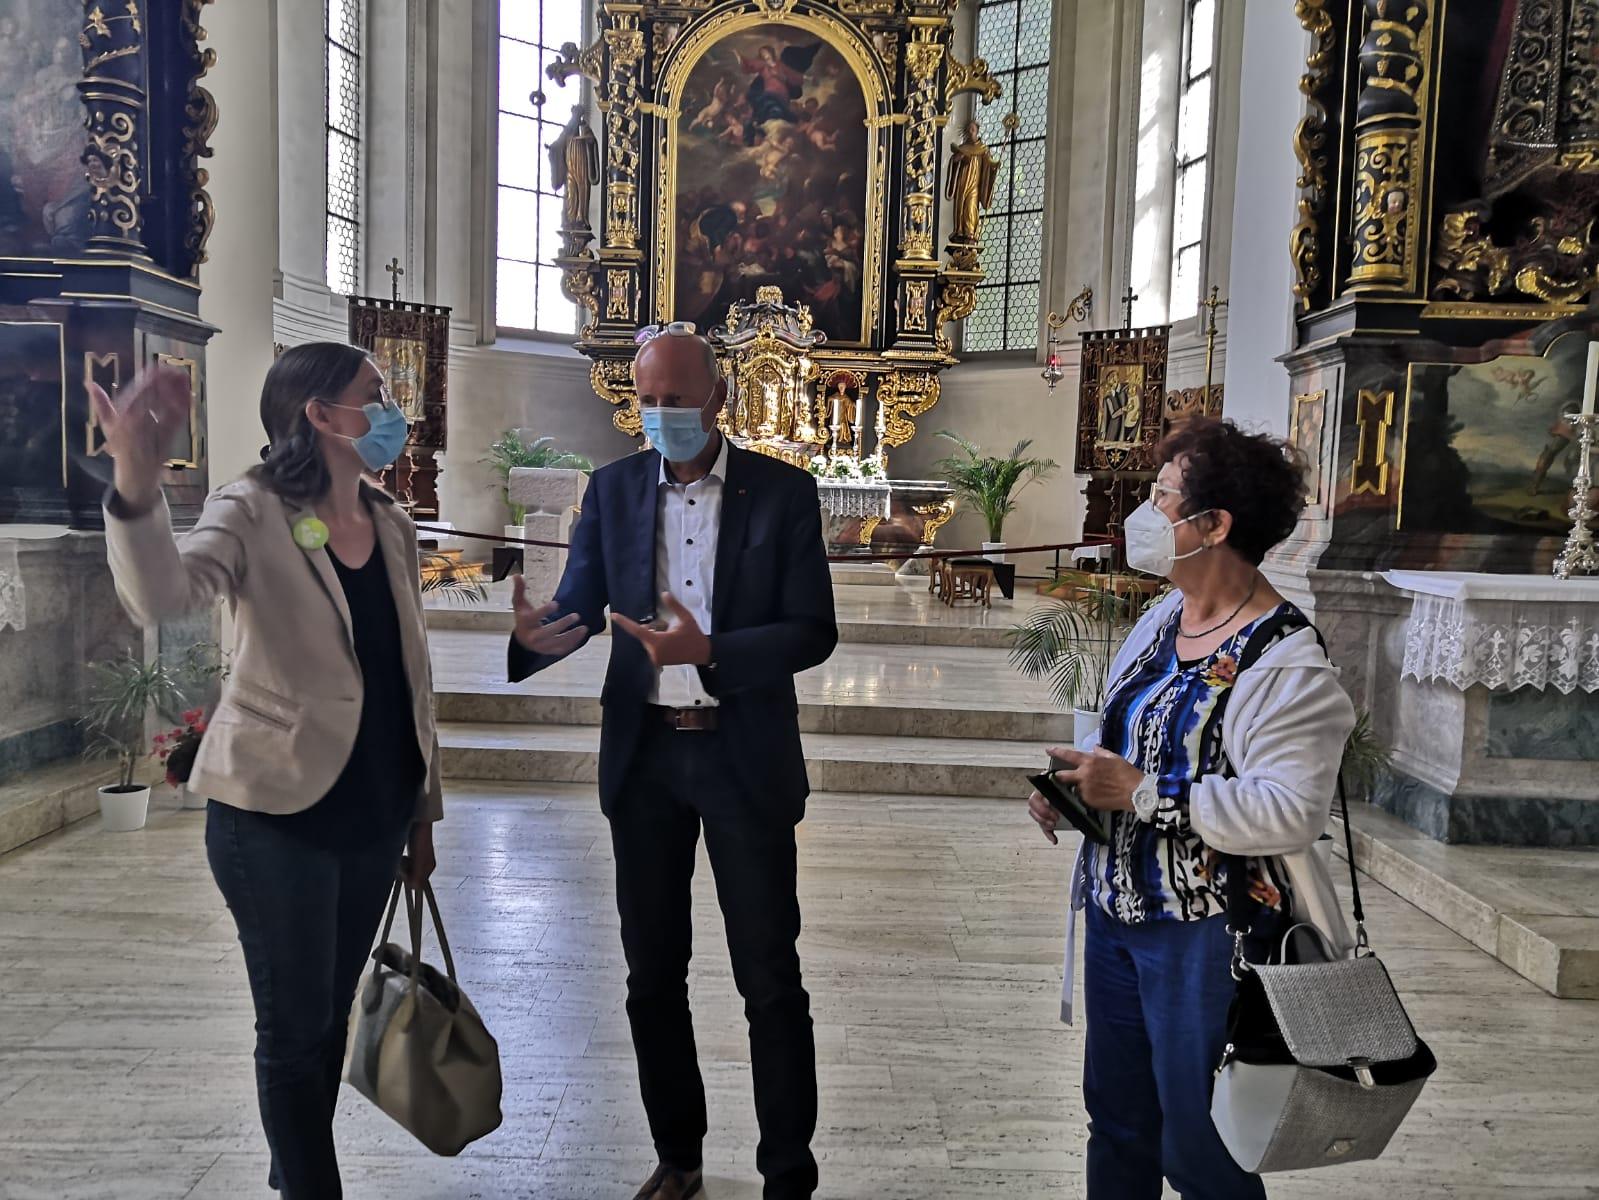 Schwabo vom 07.09.2021: Besuch in Rottweil: Gerlinde Kretschmann schaut sich im Vinzenz von Paul Hospital um